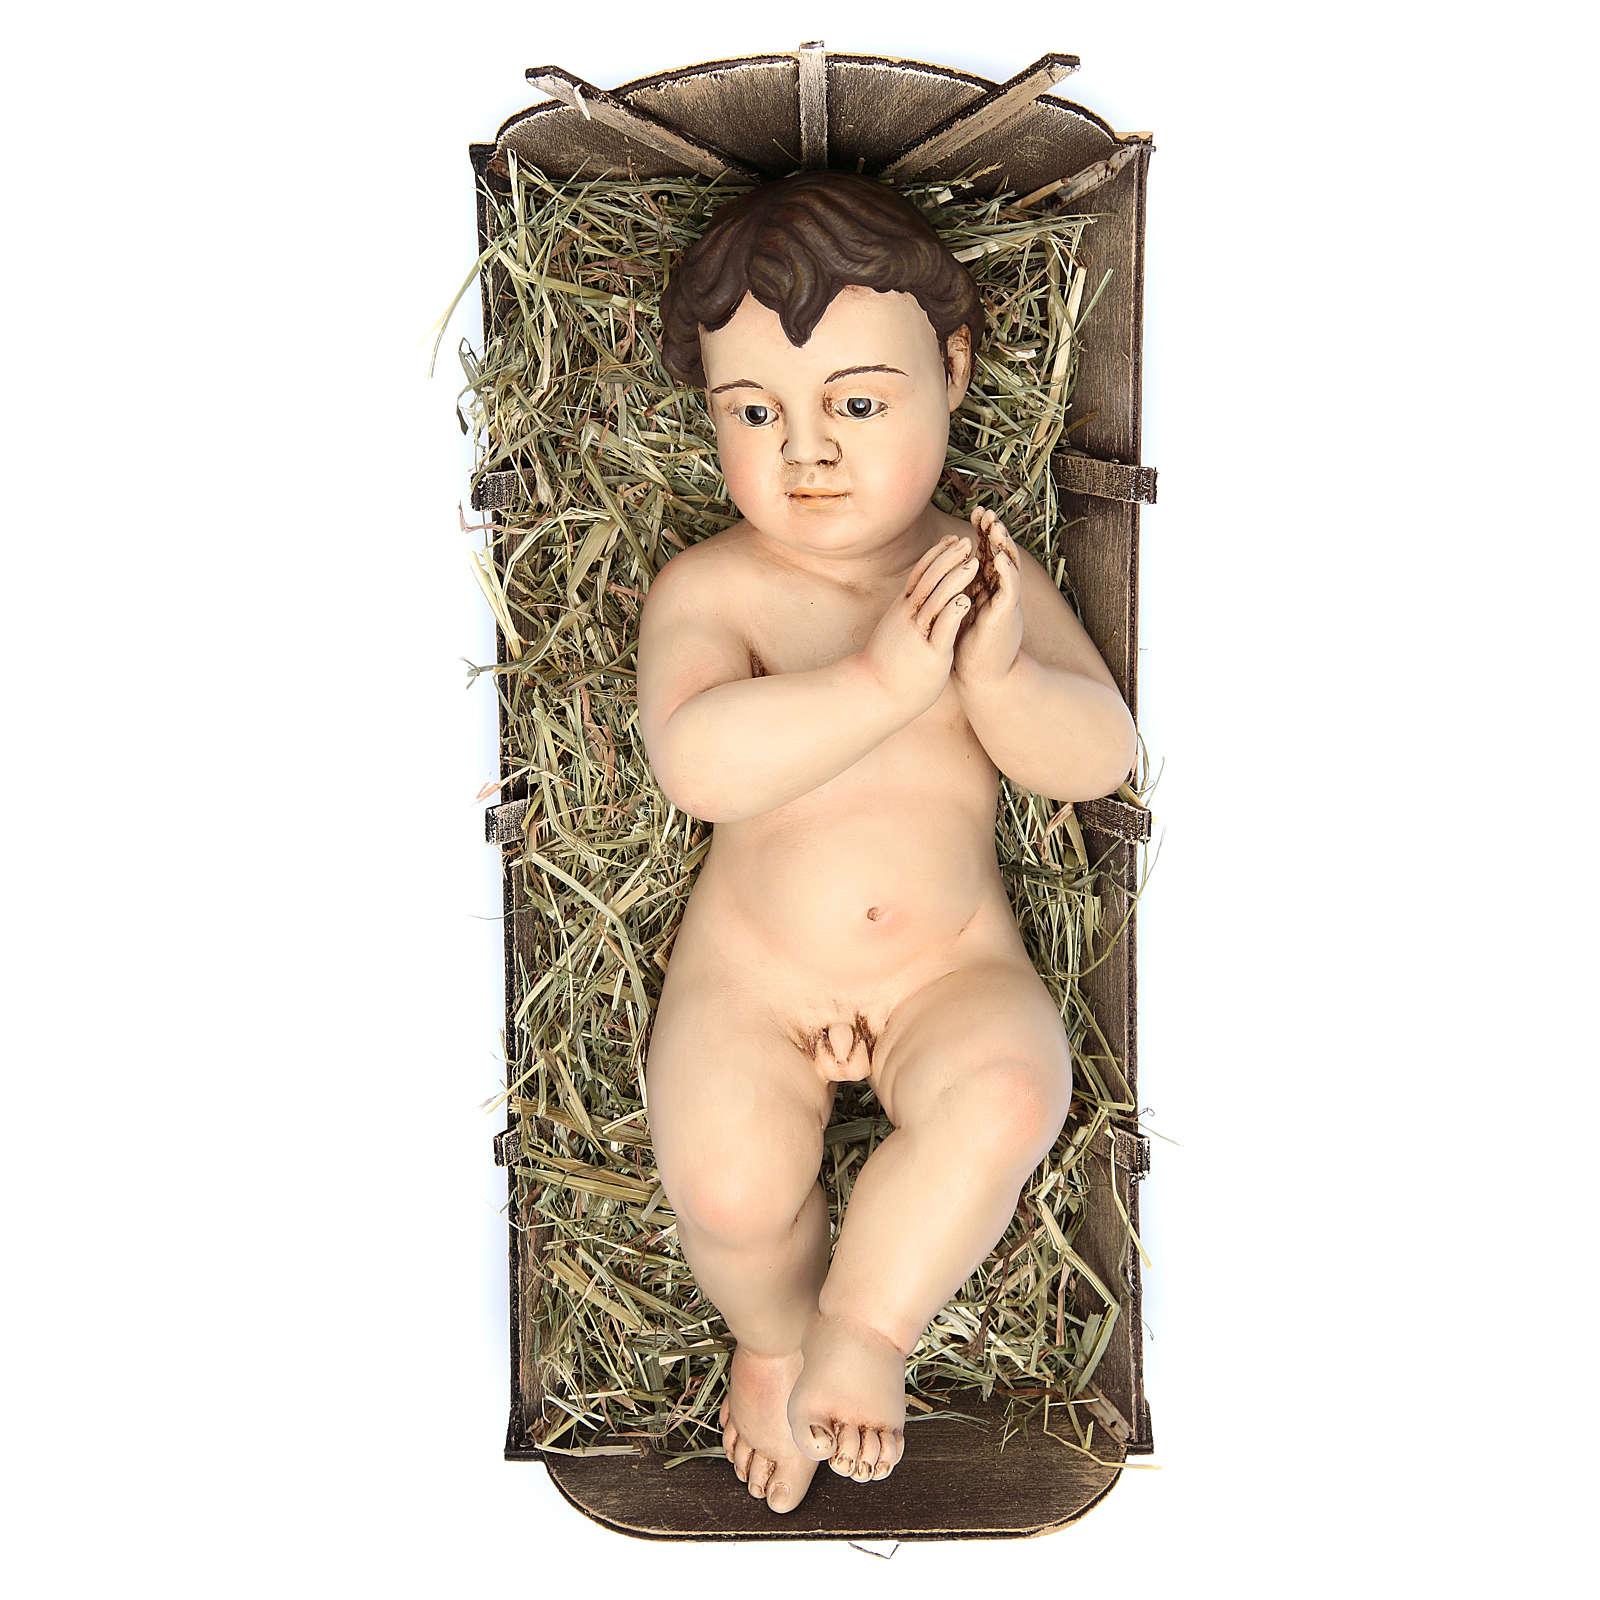 Bambinello 35 cm (misura reale) preghiera terracotta occhi vetro 4